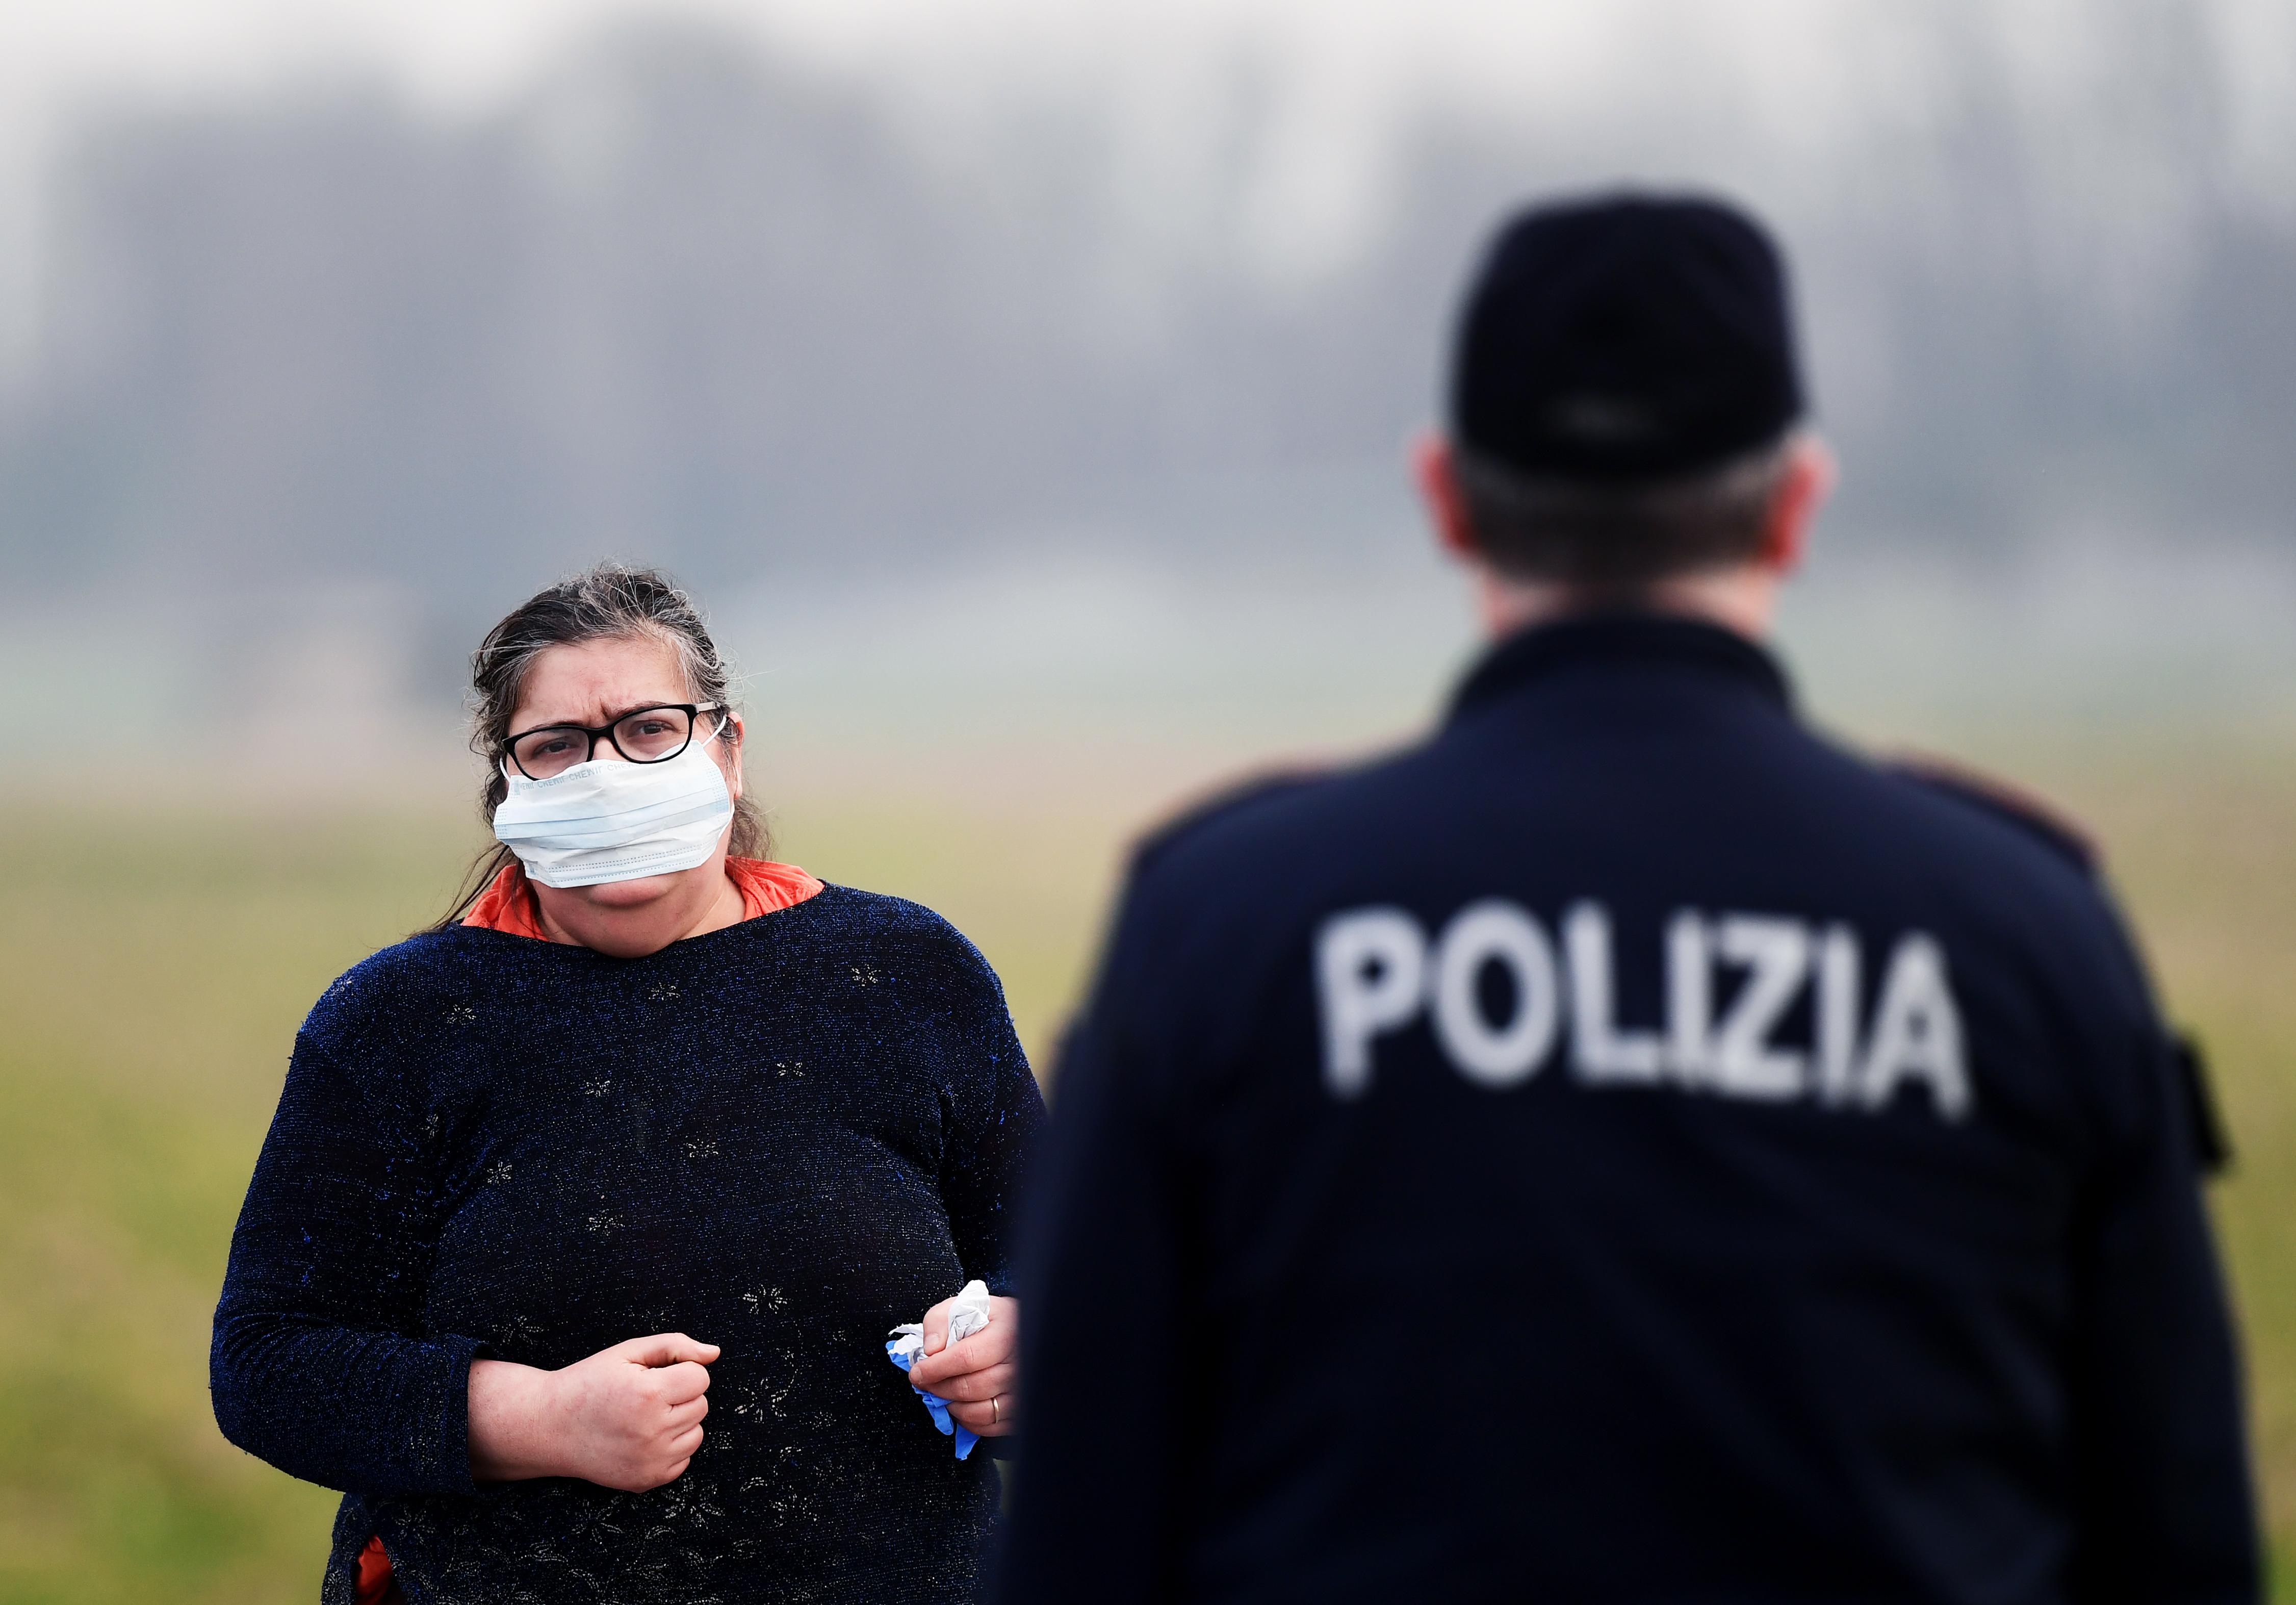 Szlovénia és Horvátország is fokozott készenléti állapotot vezet be a koronavírus miatt